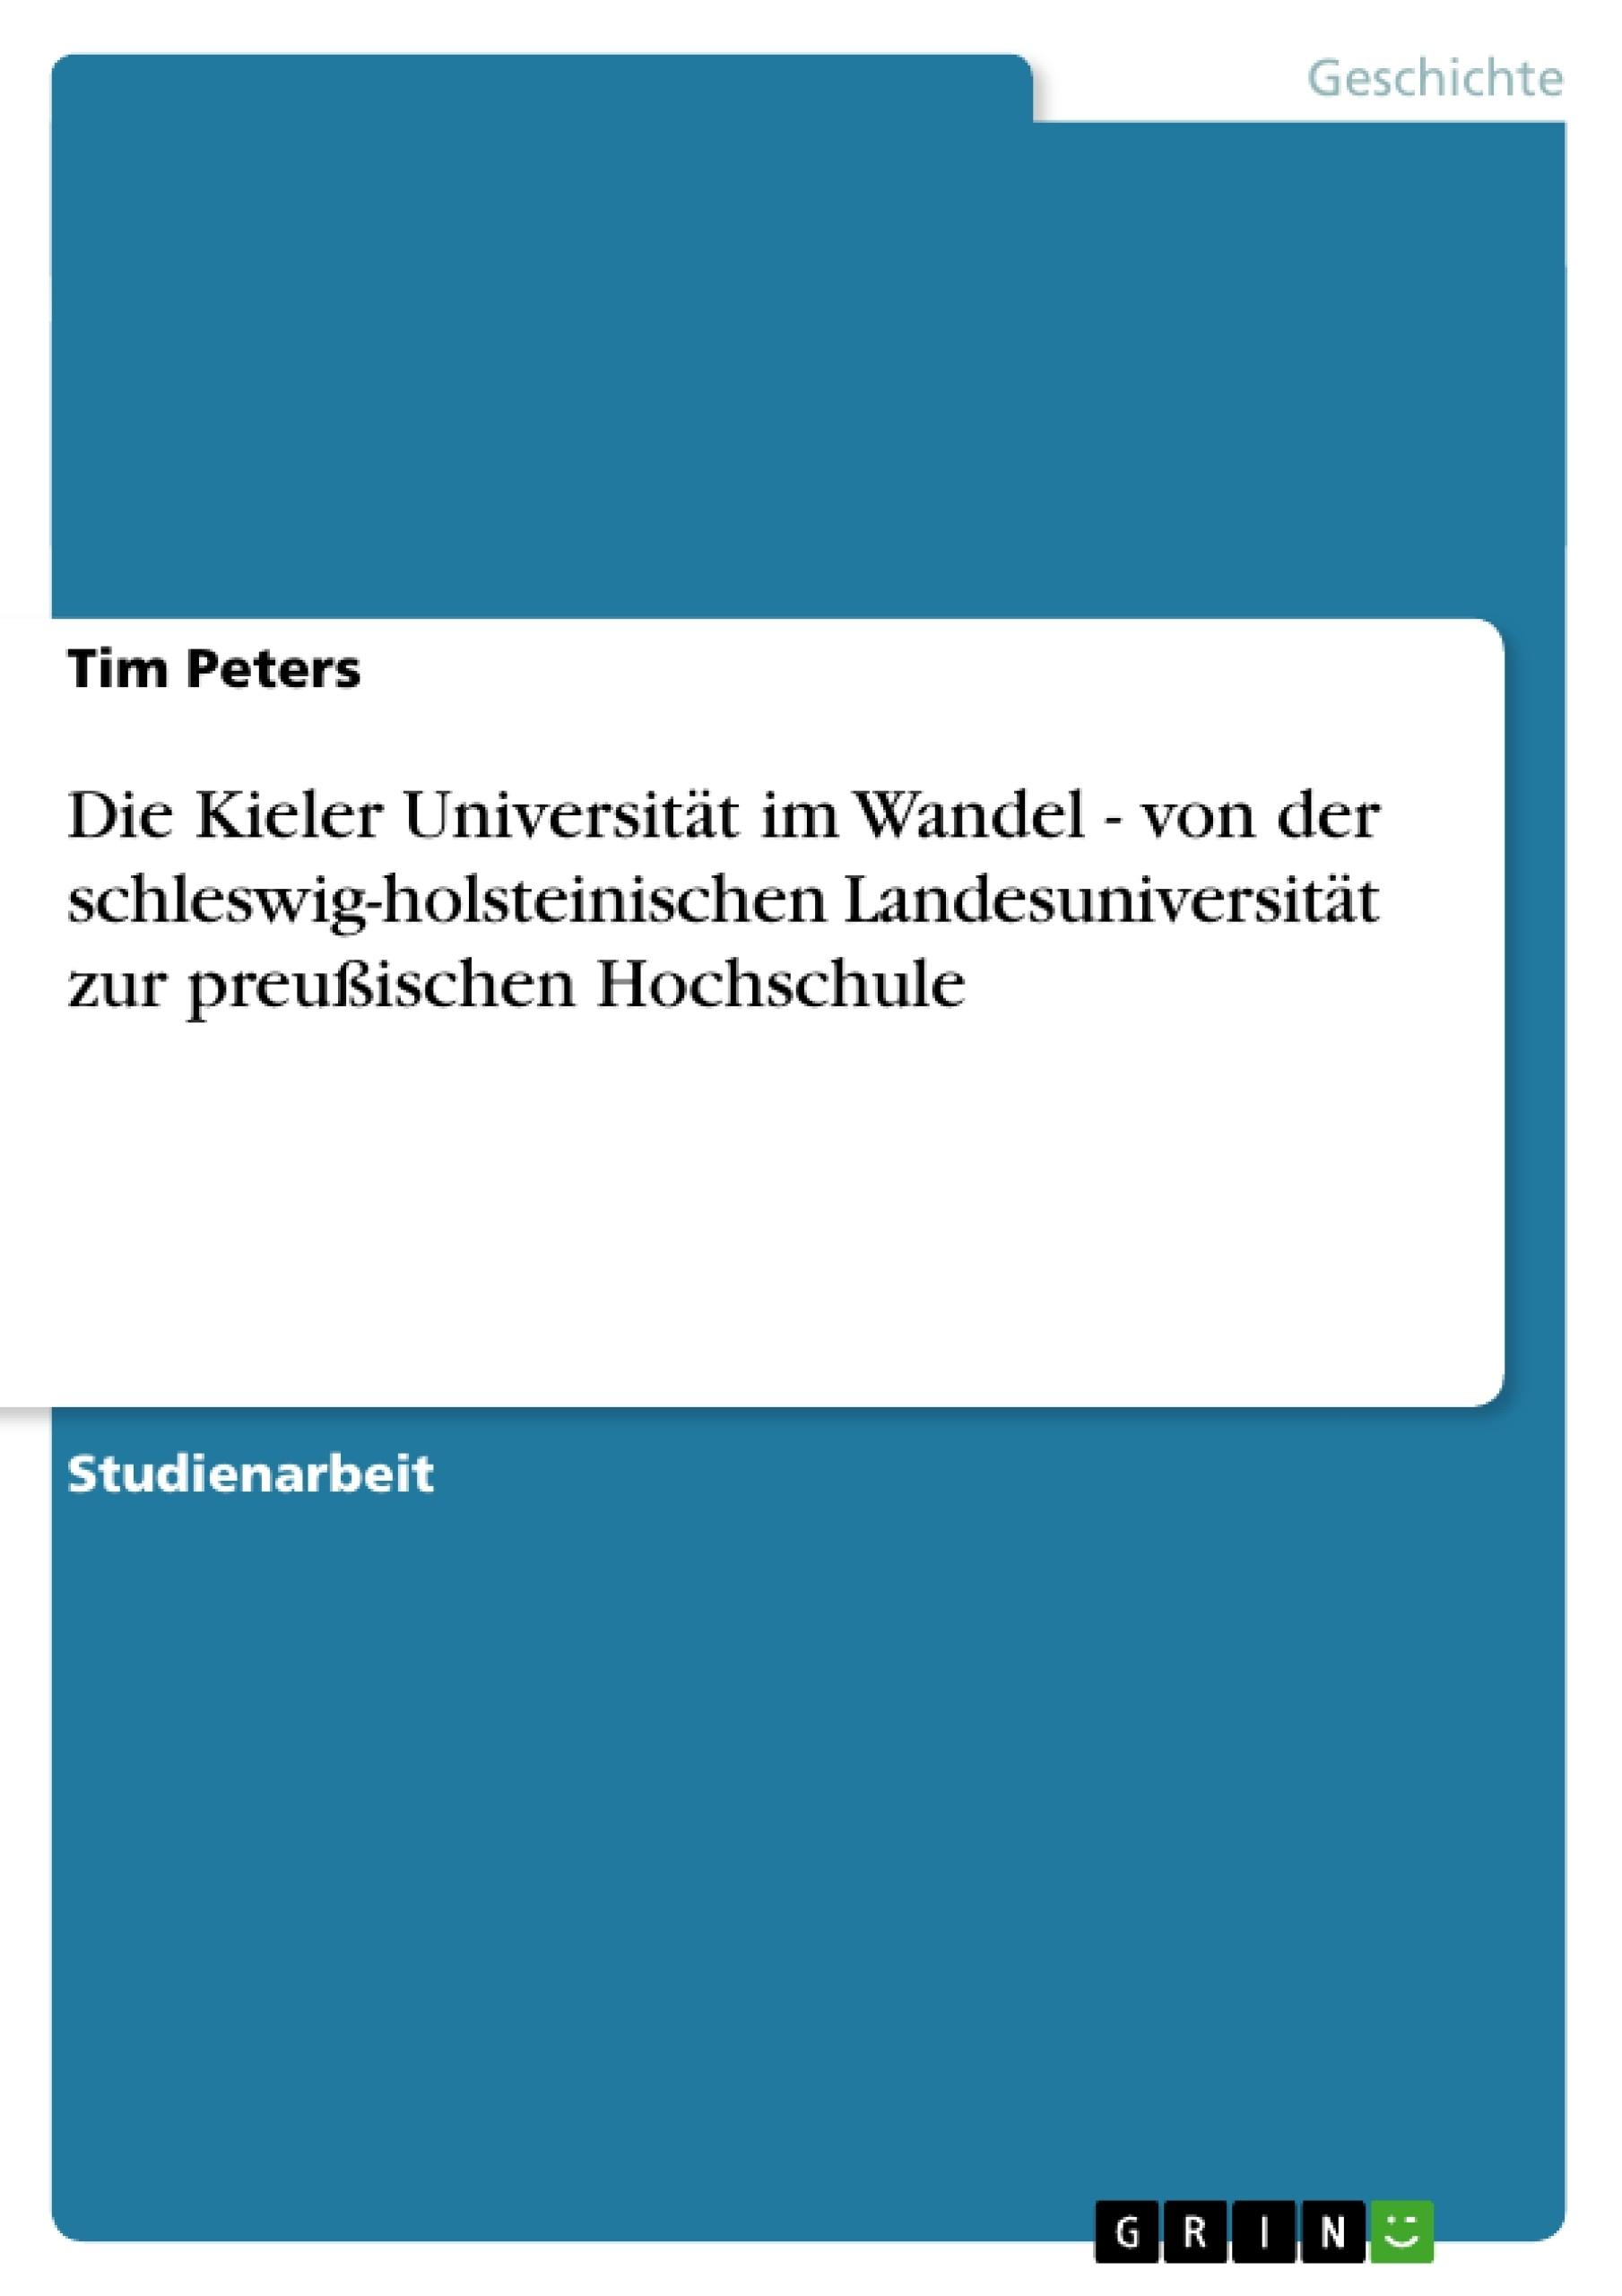 Titel: Die Kieler Universität im Wandel - von der schleswig-holsteinischen Landesuniversität zur preußischen Hochschule